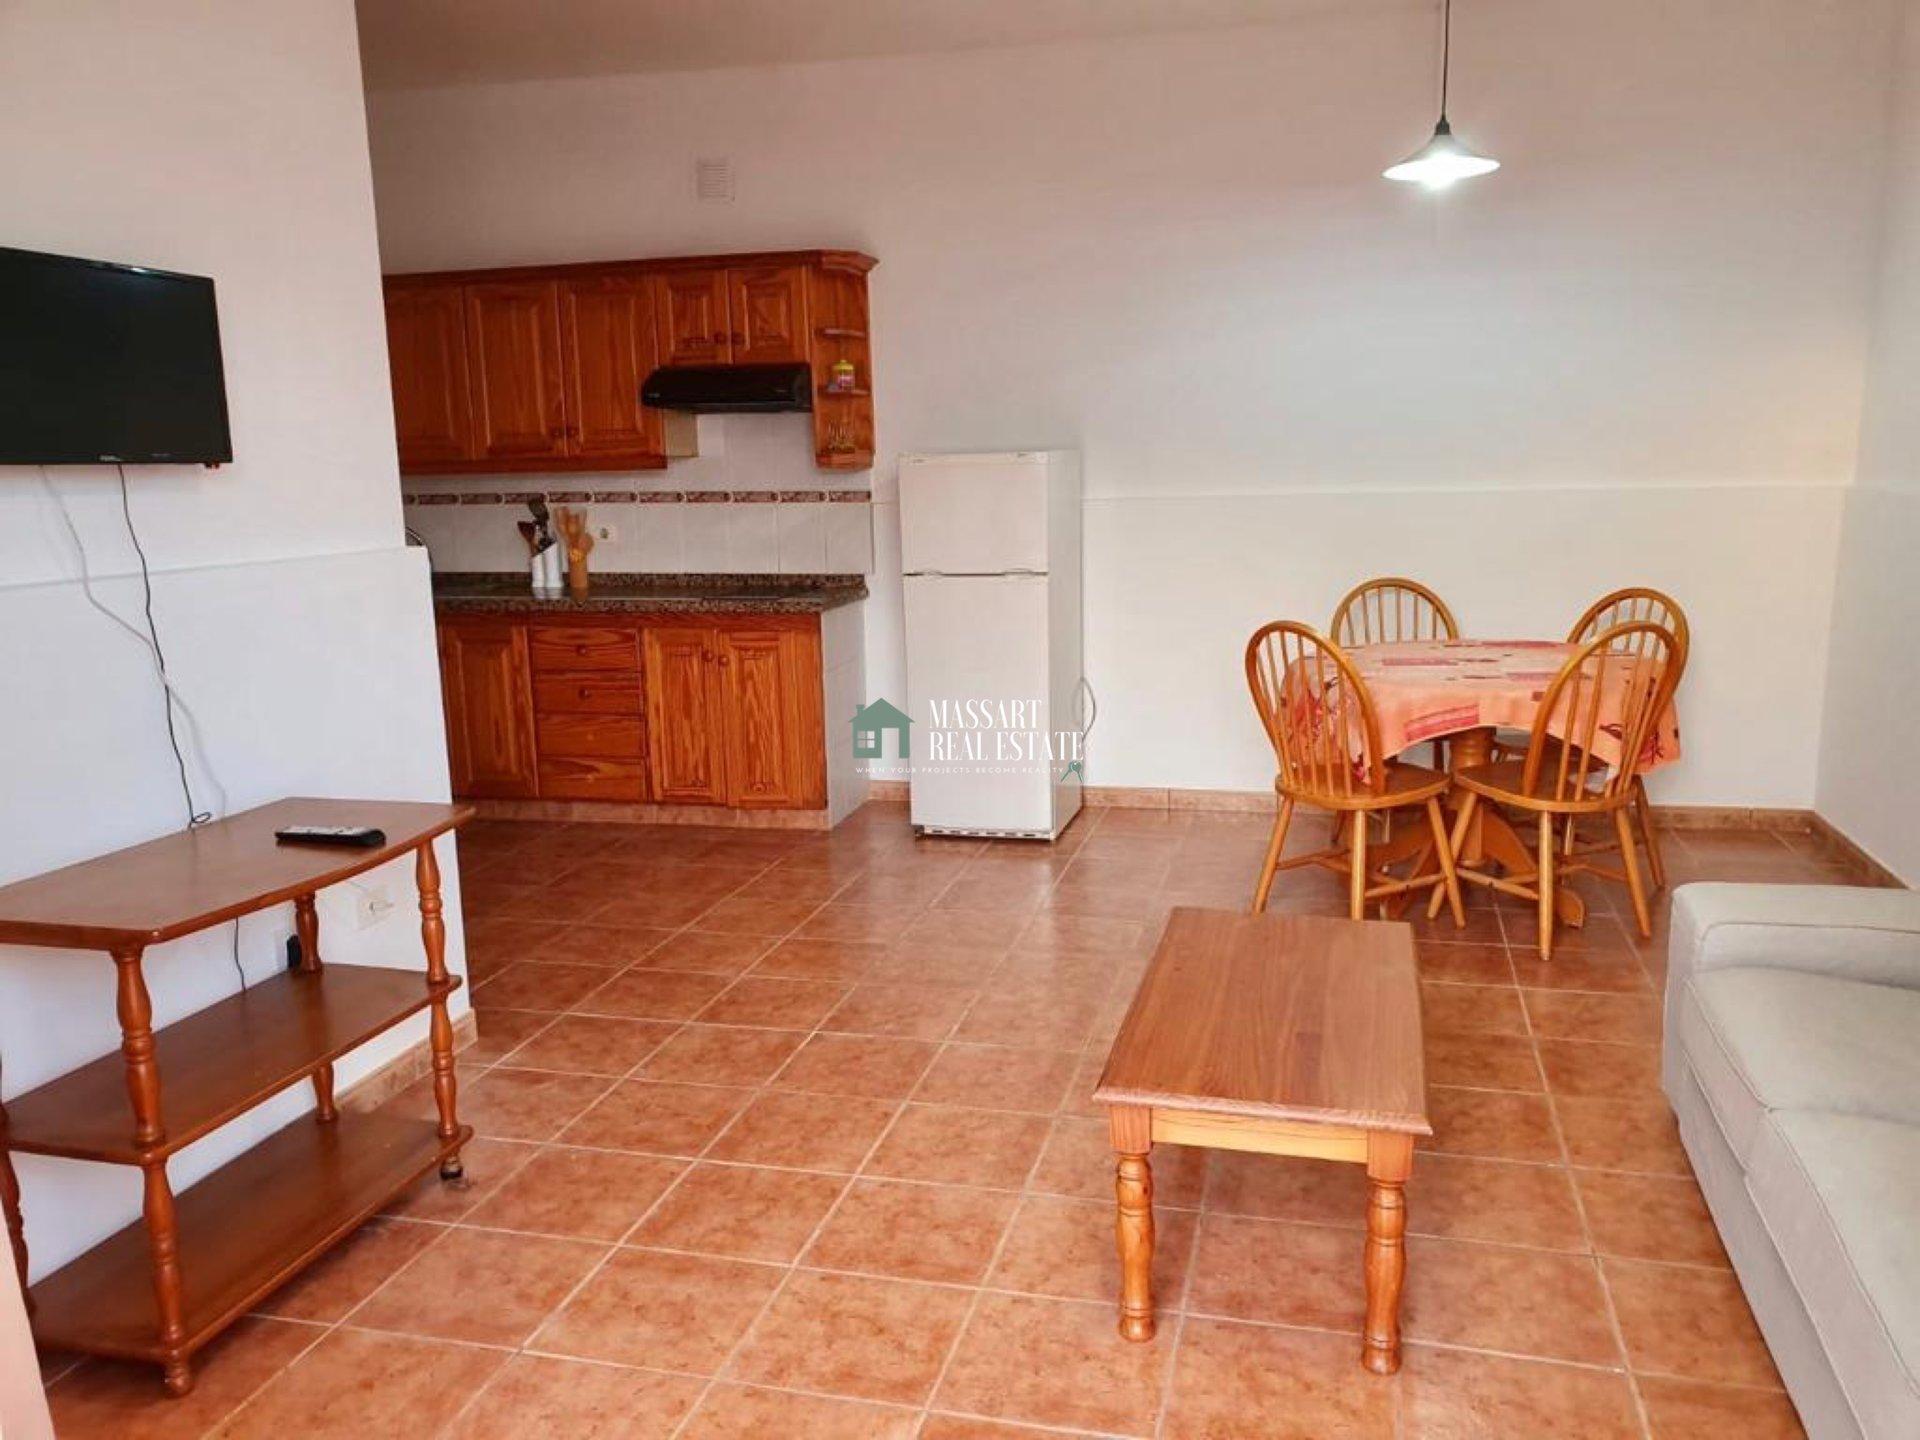 En alquiler en San Eugenio (Adeje), apartamento funcional que tiene como principal atractivo su enorme y soleada terraza.